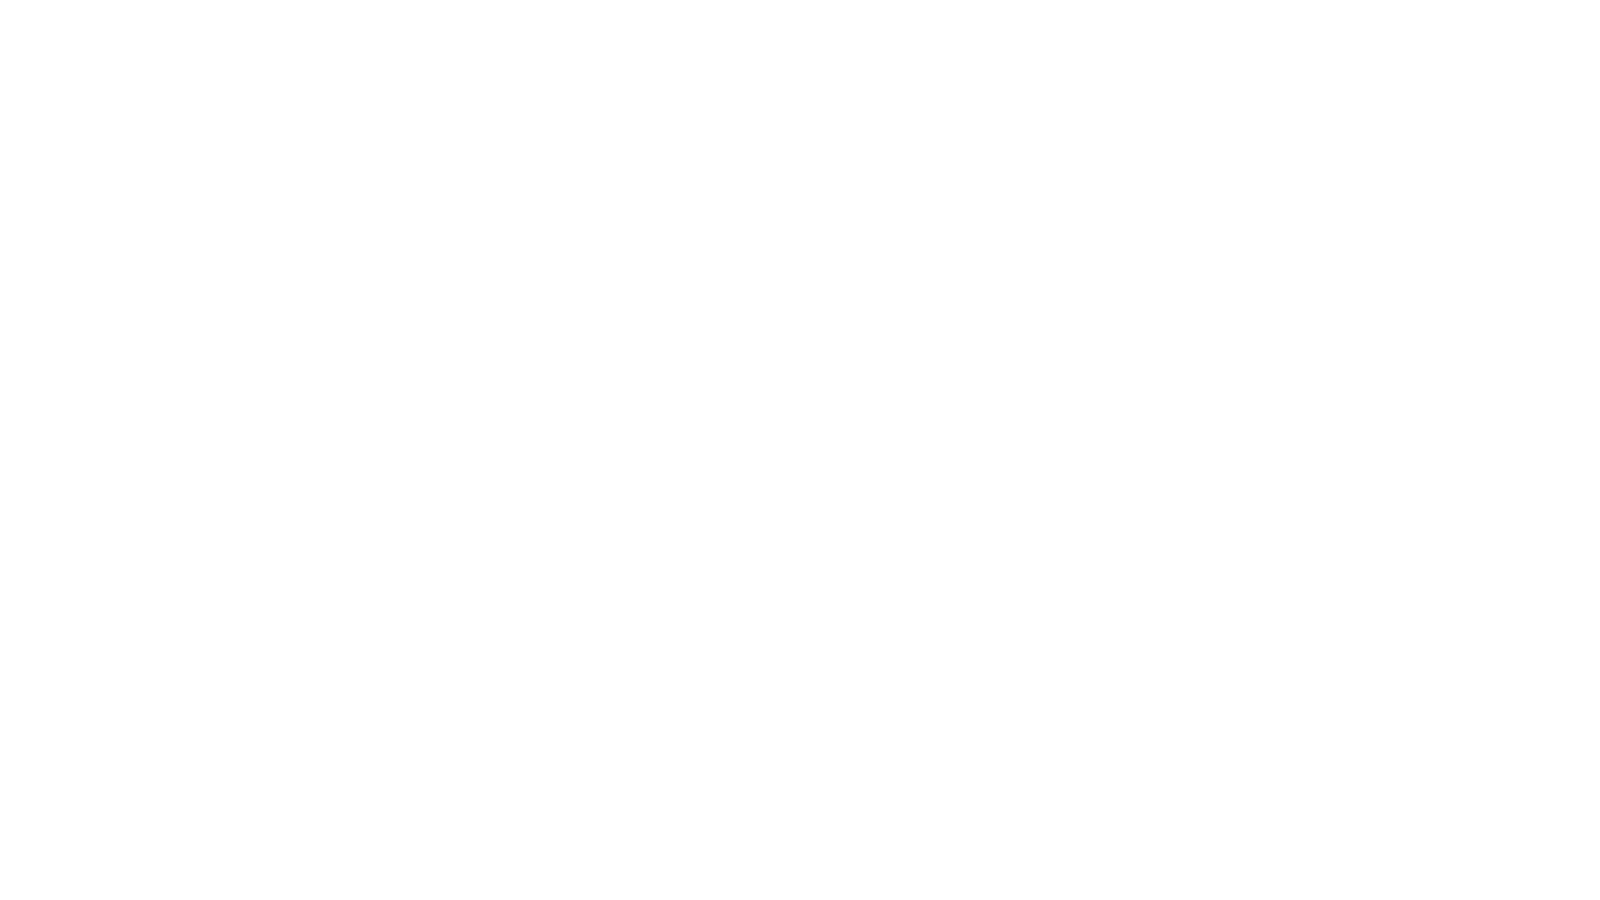 木工には様々な仕口がありますが、どれが一番強いのか実験です!      ******** 会員制木工シェア工房「ツバキラボ」: https://tsubakilab.jp/ 厳選した木工旋盤工具:https://tsubakilabtools.stores.jp/ シンプルで日常に溶け込む木工品:http://lifestore.tsubakilab.jp/